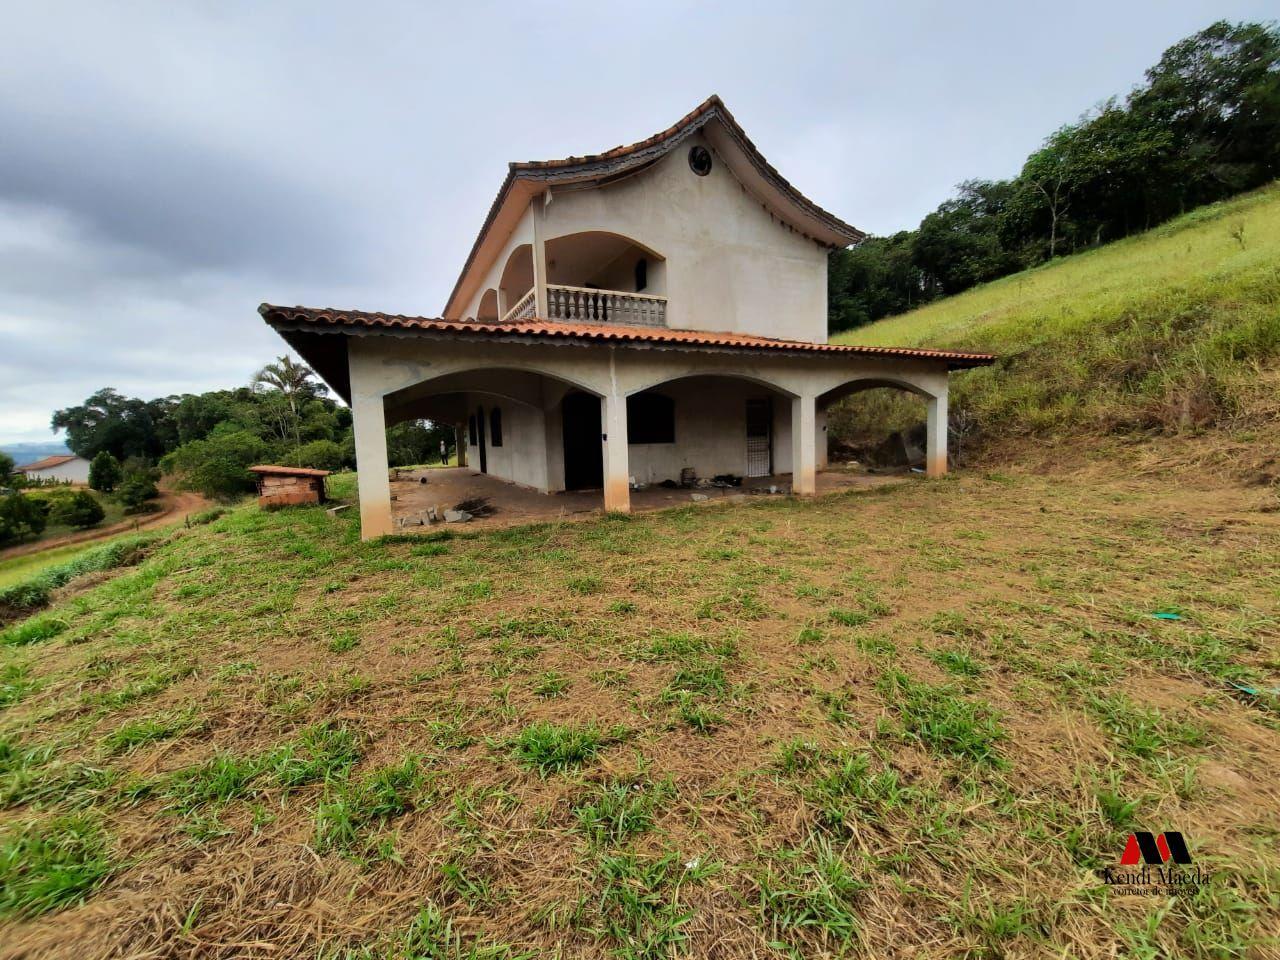 Fazenda/sítio/chácara/haras à venda  no Zona Rural - Biritiba-mirim, SP. Imóveis